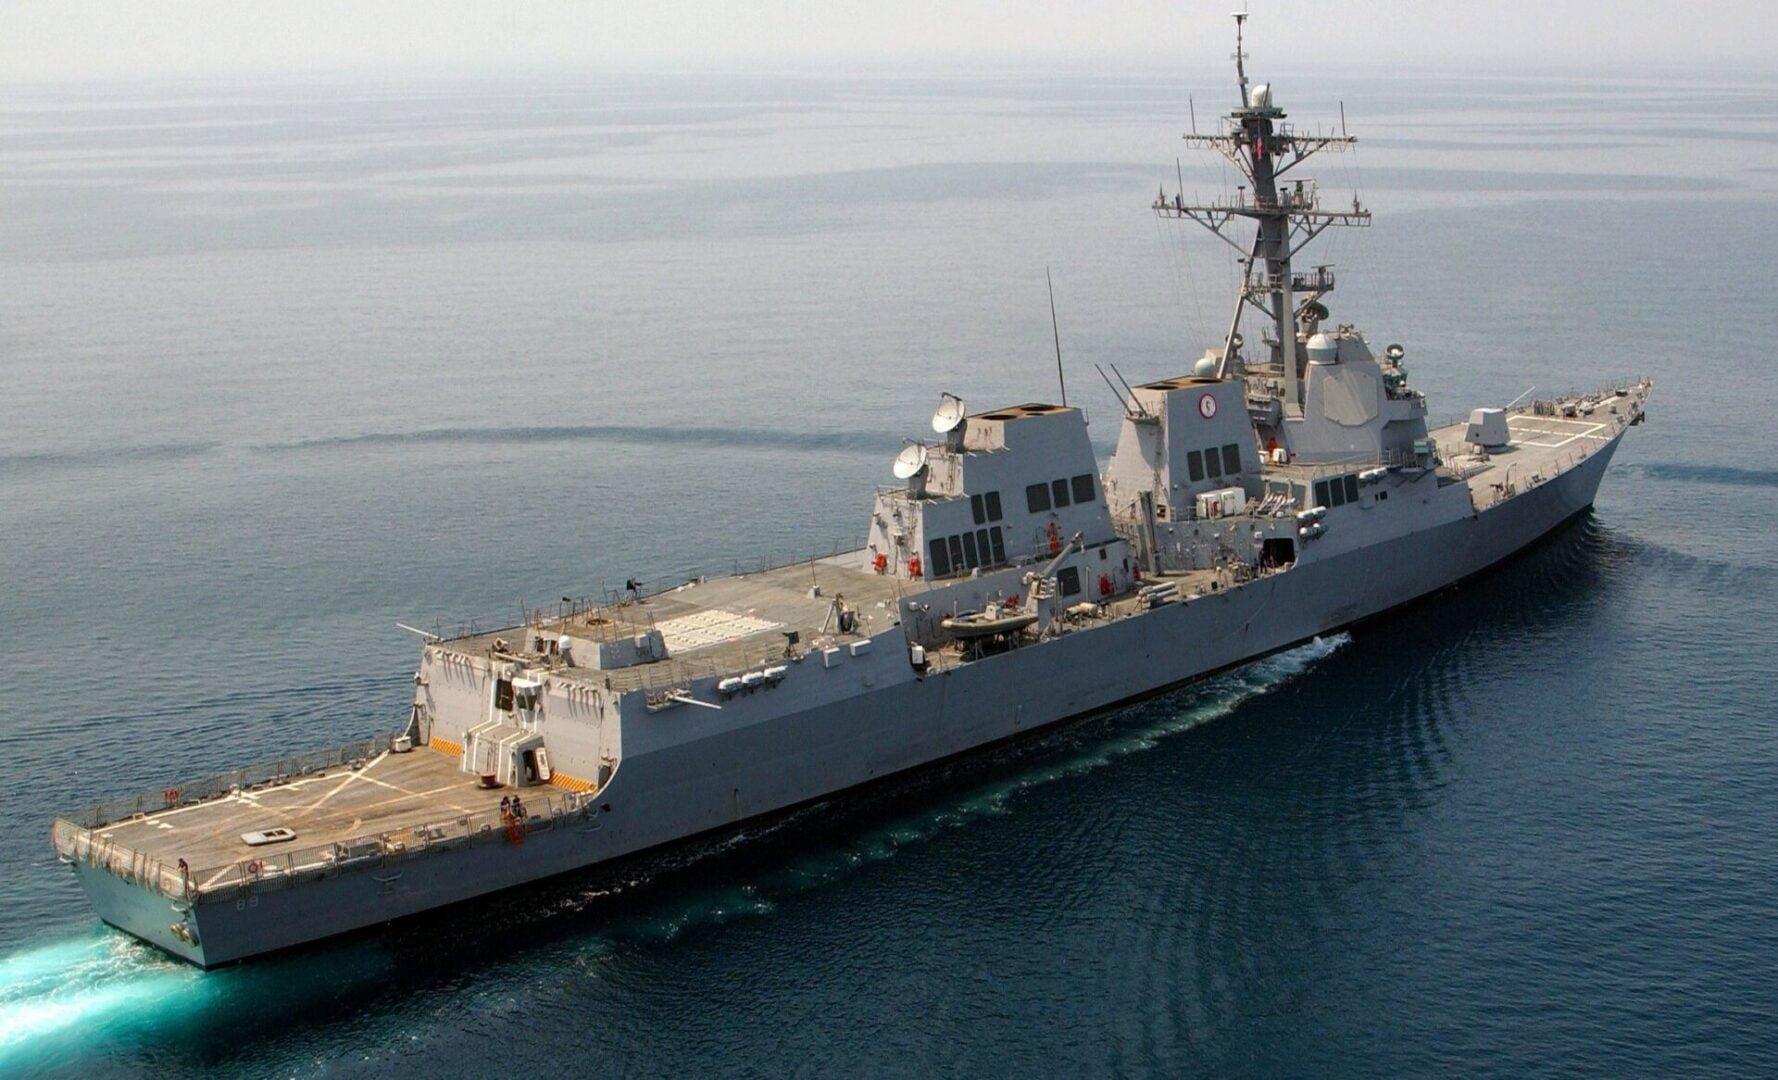 """ΚΙΝΕΖΙΚΗ ΟΡΓΗ – """"Οι ΗΠΑ μας προκαλούν στην Ταϊβάν"""": Αμερικανικά πλοία περνάνε συνεχώς"""